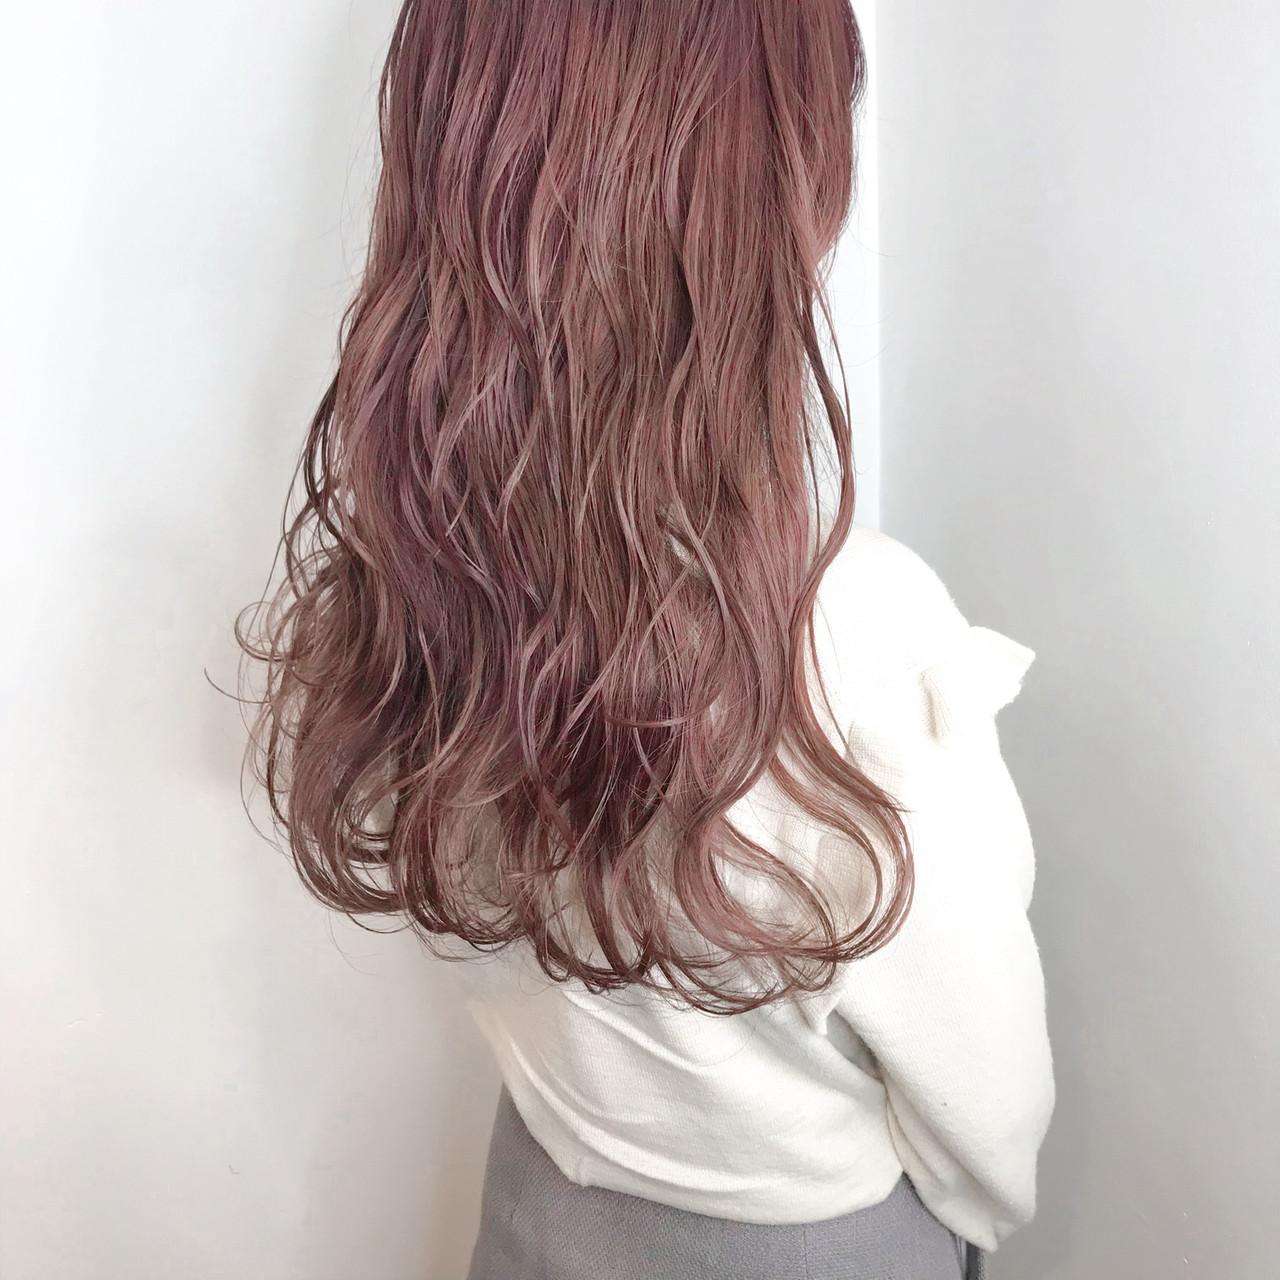 ロング ハイトーン 外国人風カラー 波ウェーブ ヘアスタイルや髪型の写真・画像